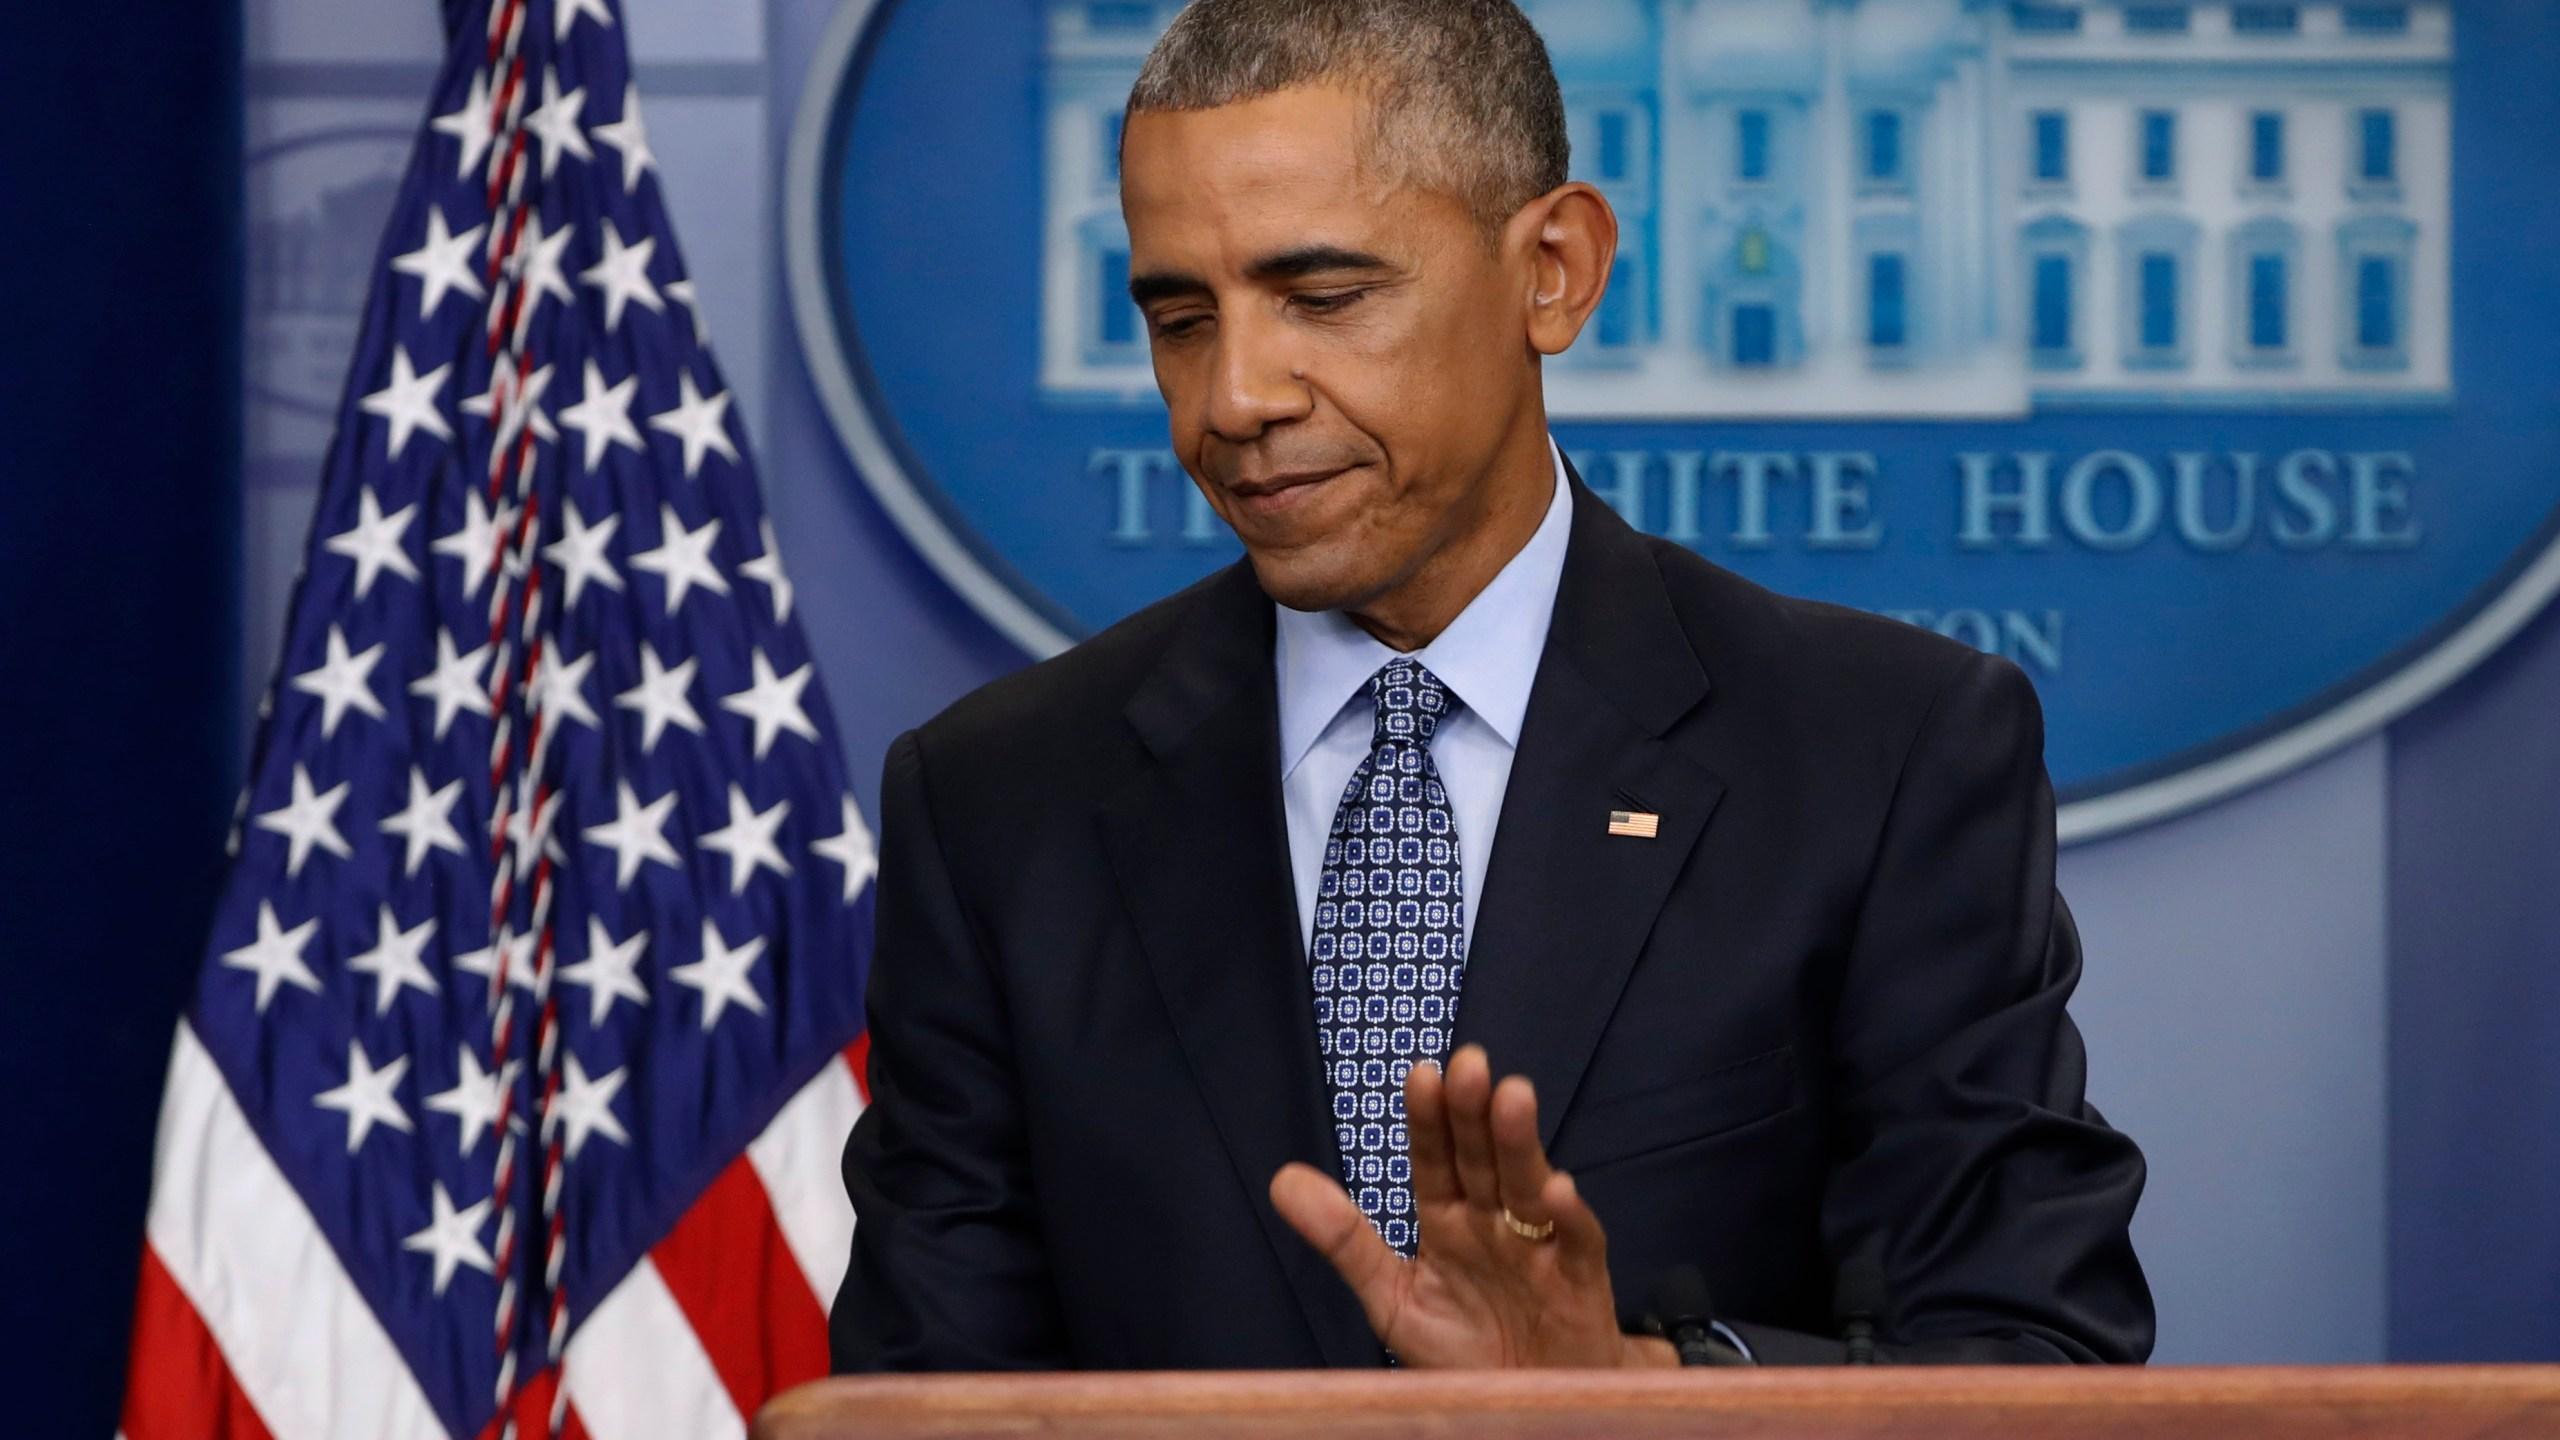 Obama's Last Day_509862